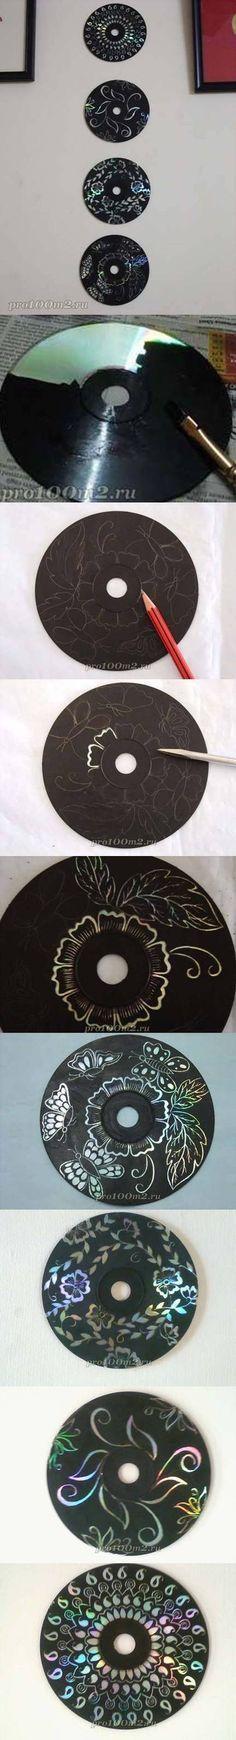 decorando parede reutilizando cds